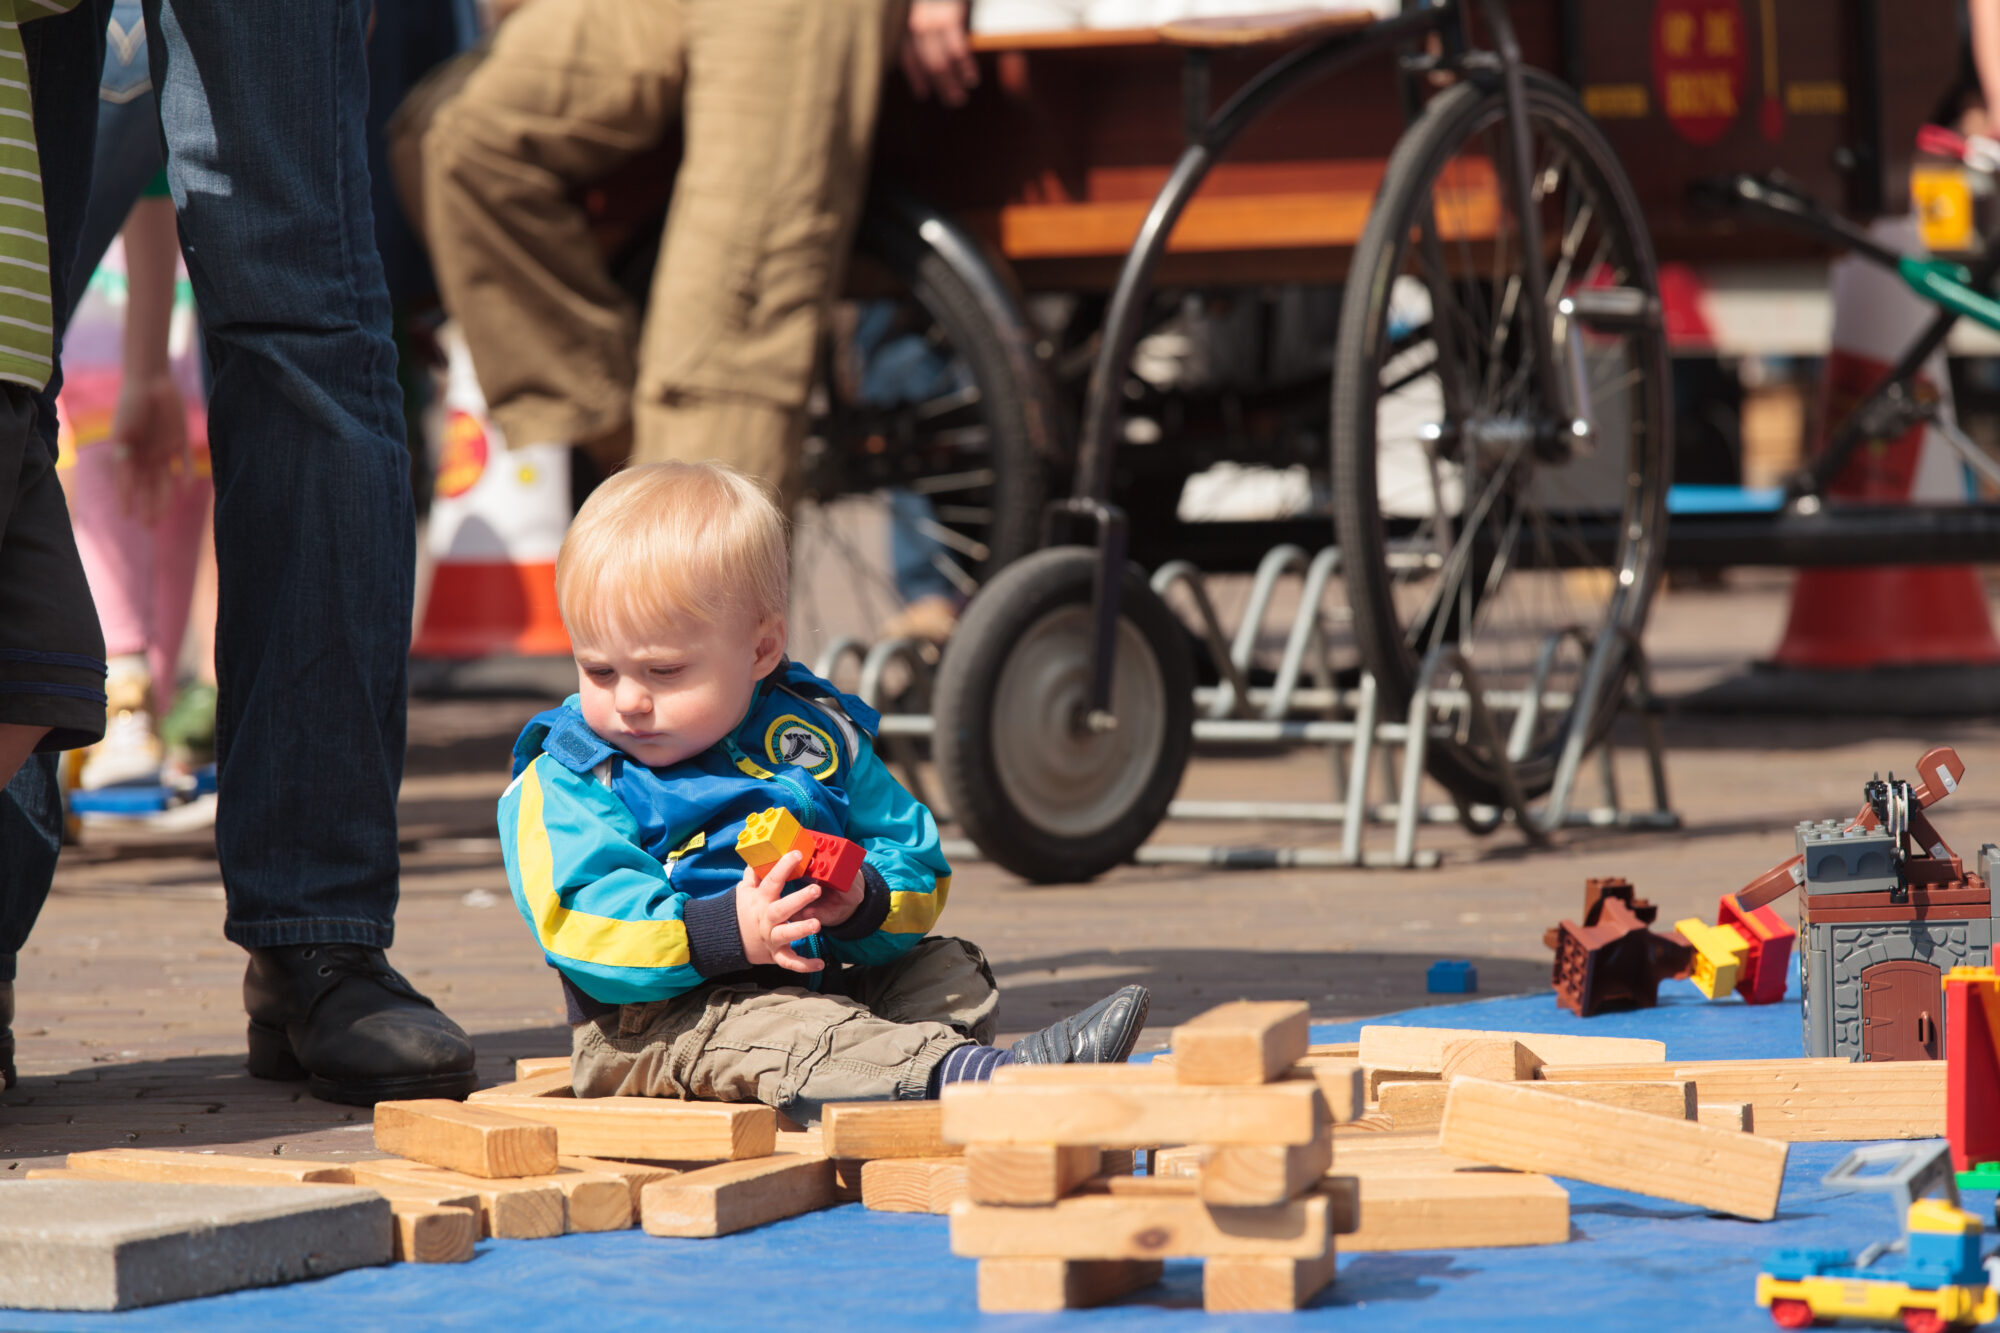 Al diverse generaties kinderen kwamen spelen op de Brink